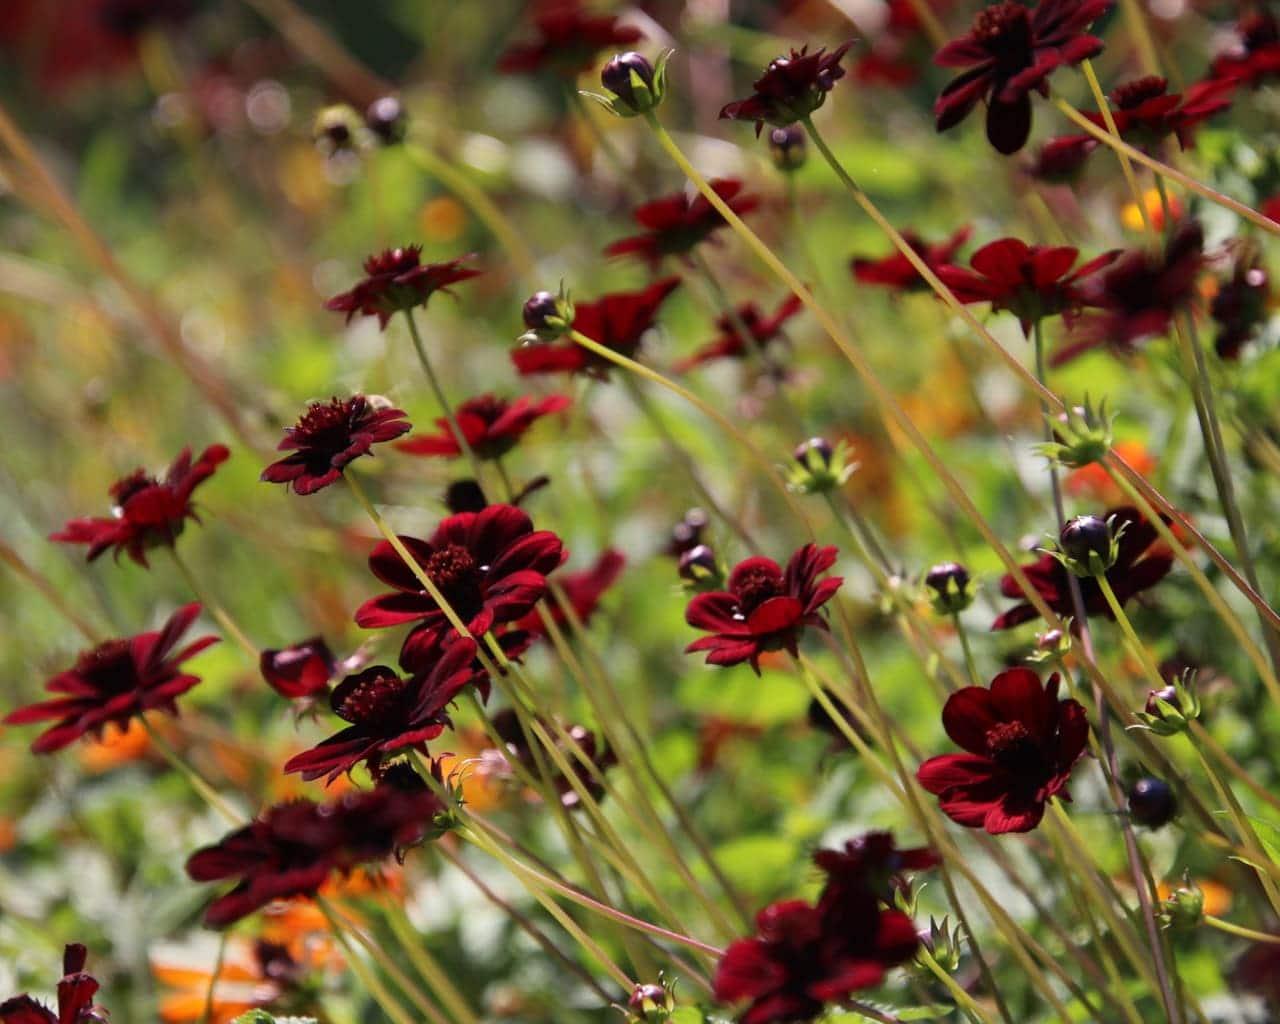 Sommerblumen Beet, Schokoladenblume, Cosmos atrosanguinea , Schokolade Duft Landesgartenschau Würzburg 2018